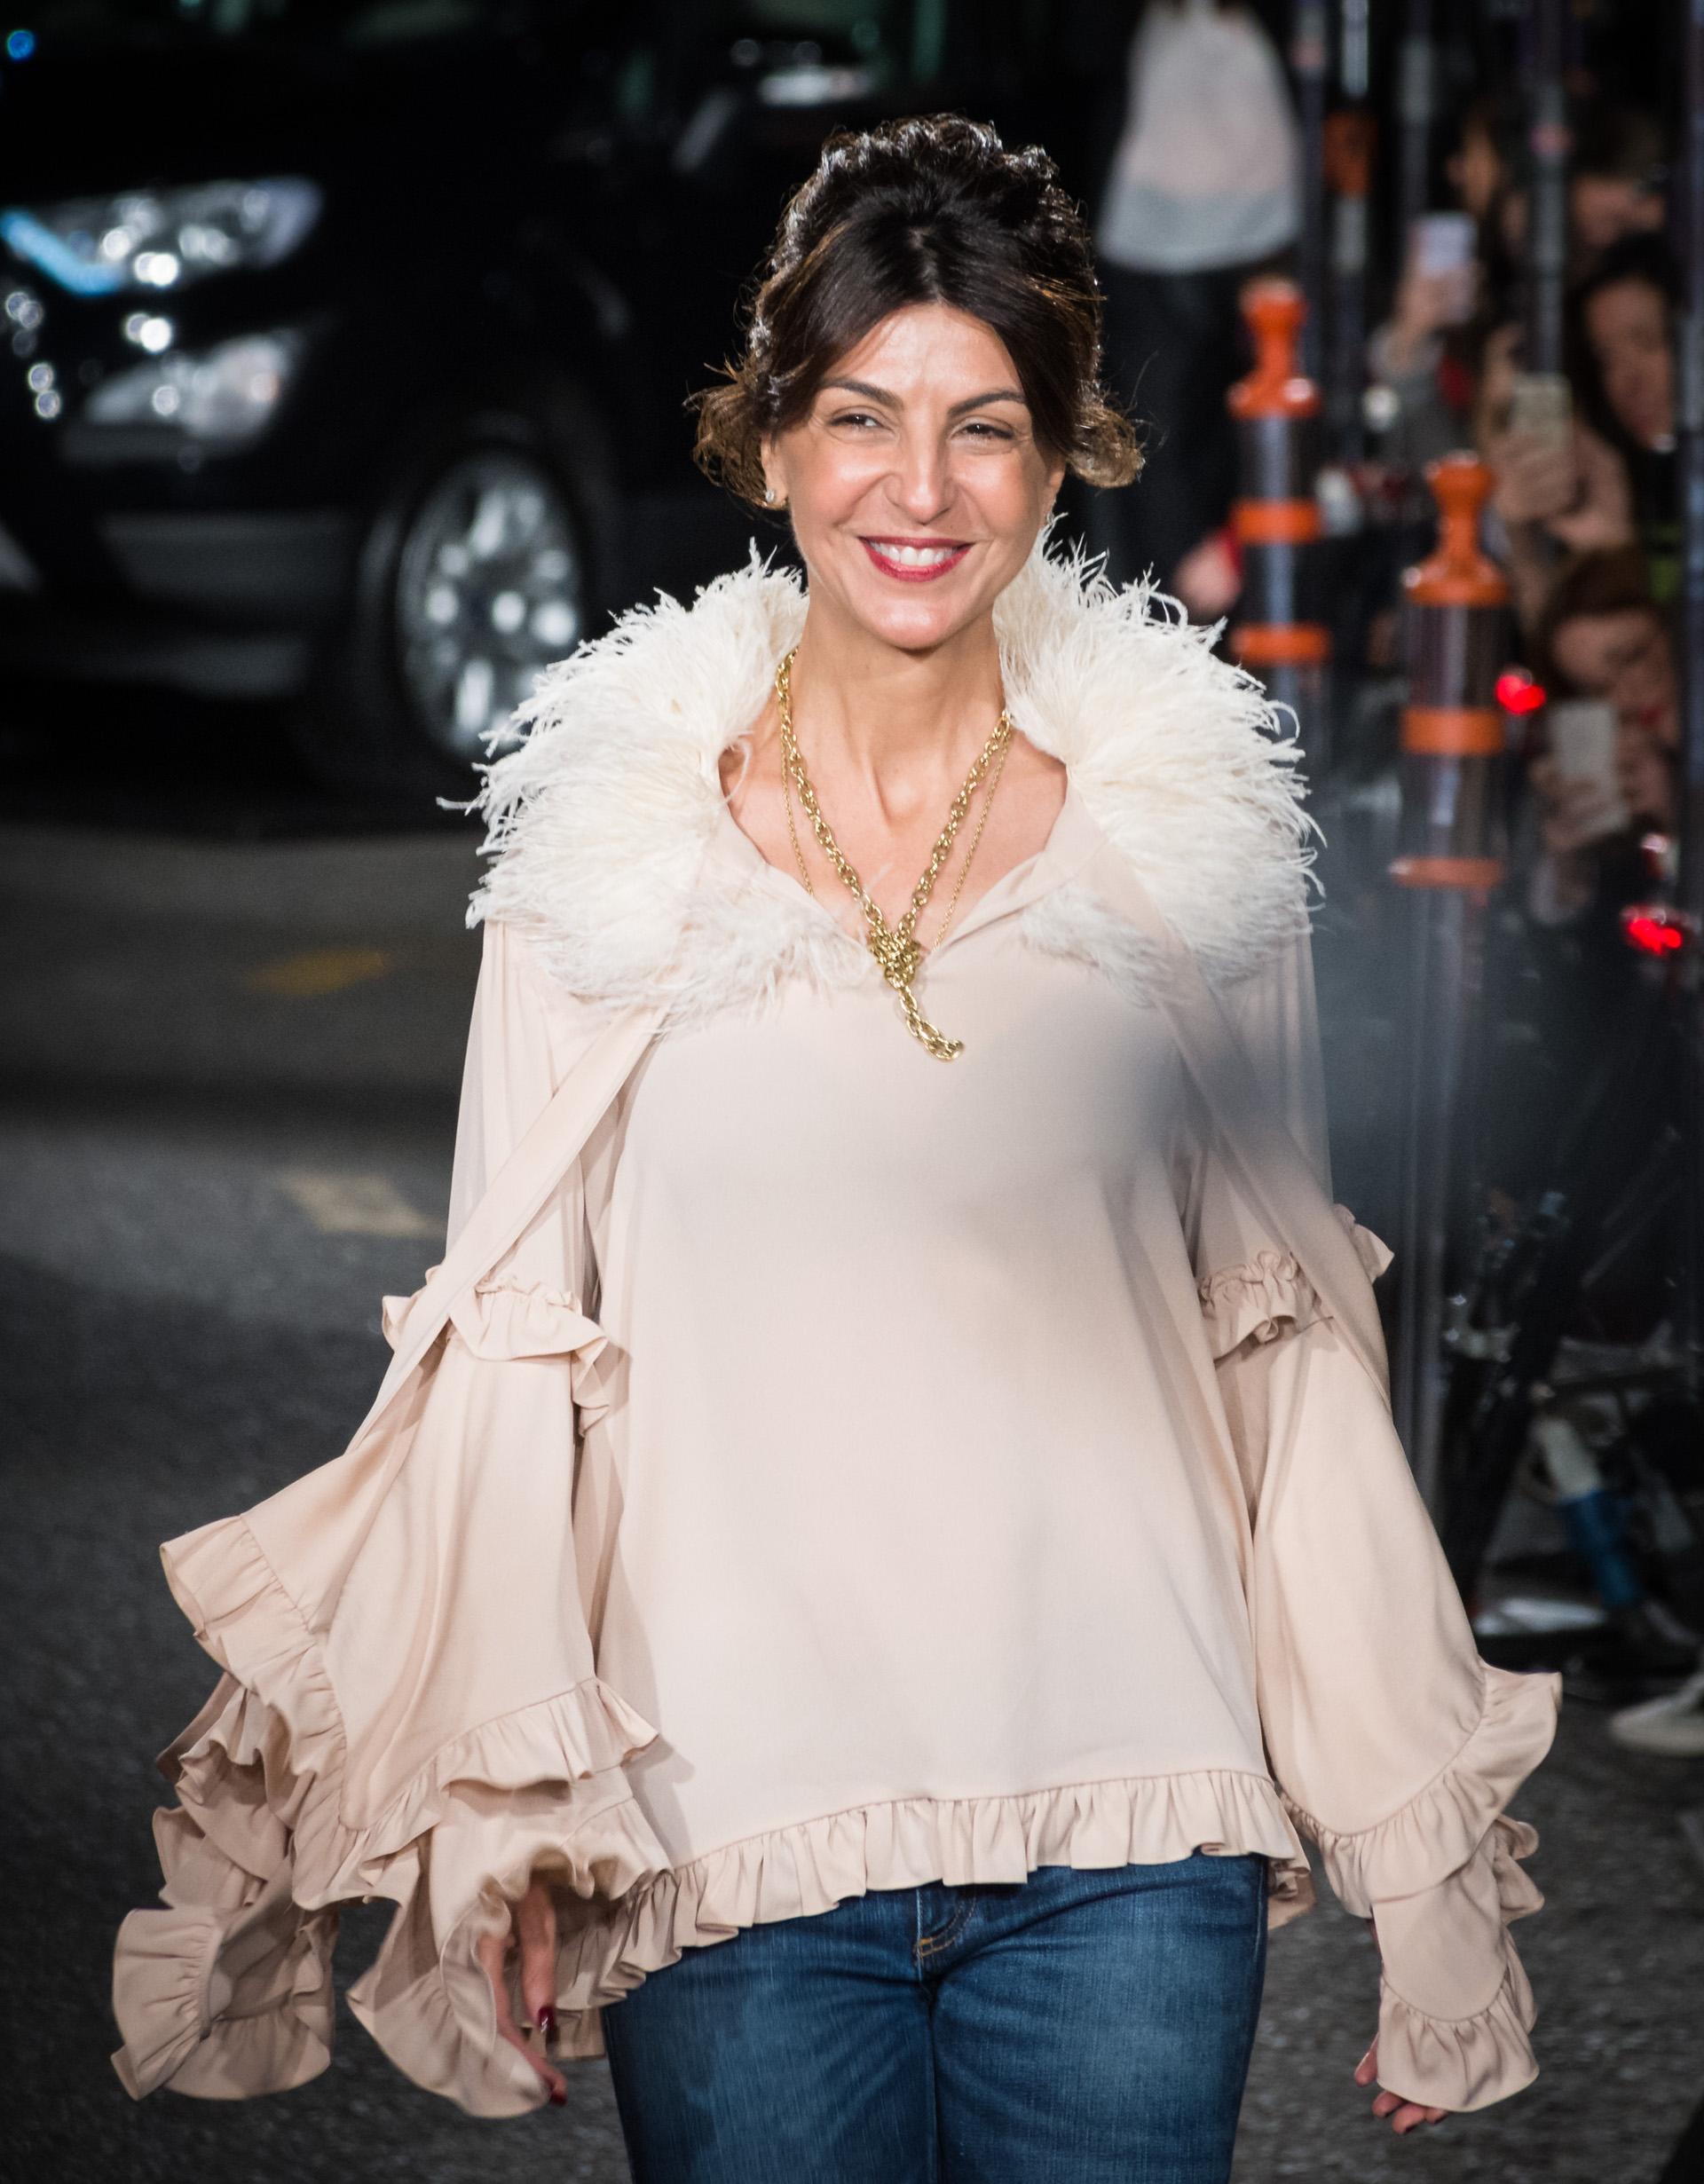 Evangelina Bomparola durante la presentación de su nueva colección que se llevó a cabo con un gran desfile en la puerta de su local de Avenida Alvear